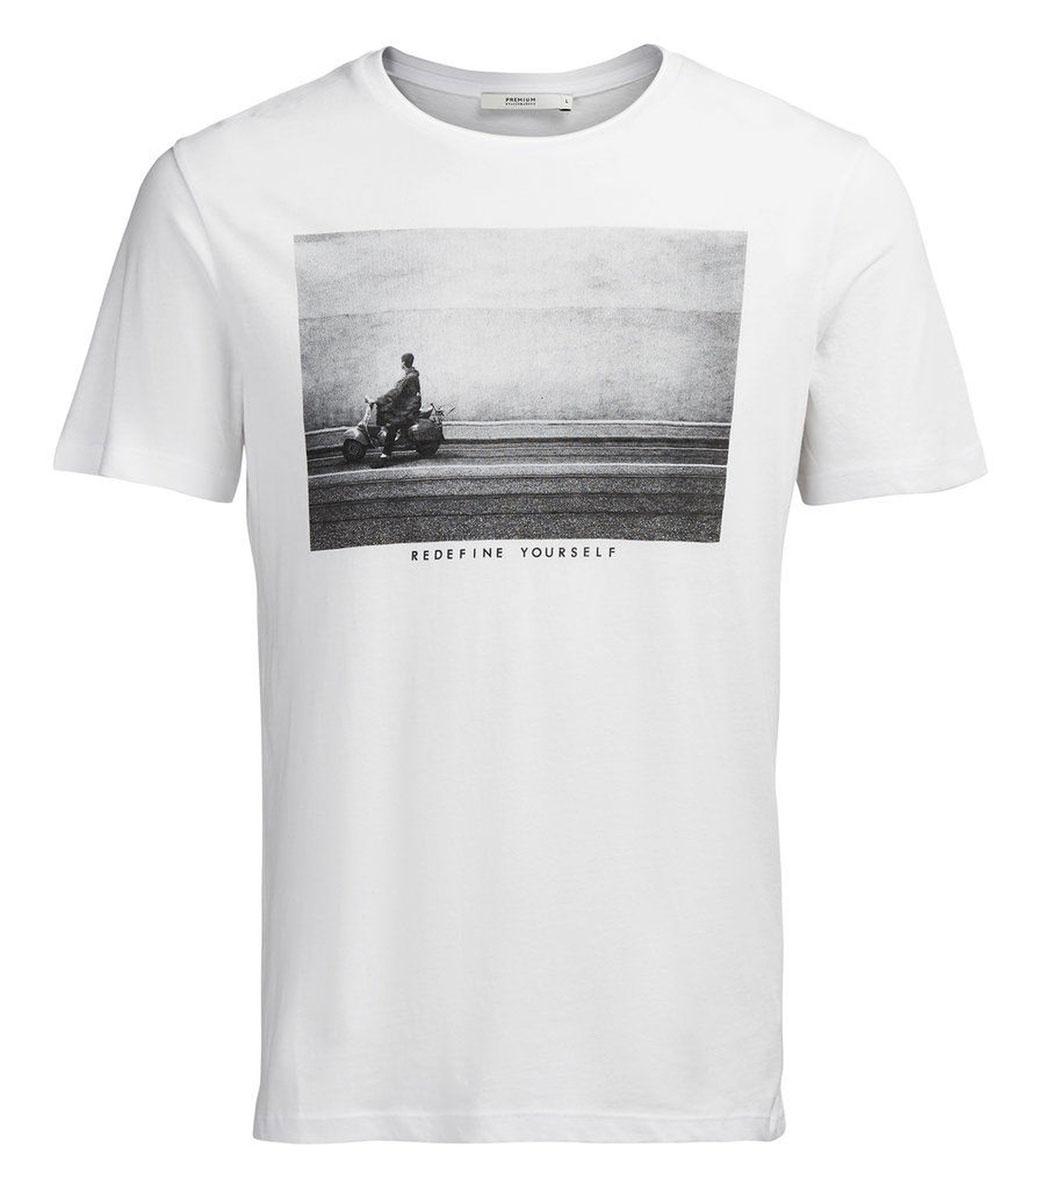 12109962_WhiteМужская футболка Jack & Jones с короткими рукавами и круглым вырезом горловины выполнена из натурального хлопка. Футболка украшена крупным принтом с изображением черно-белой фотографии и надписи Redefine Yourself спереди.